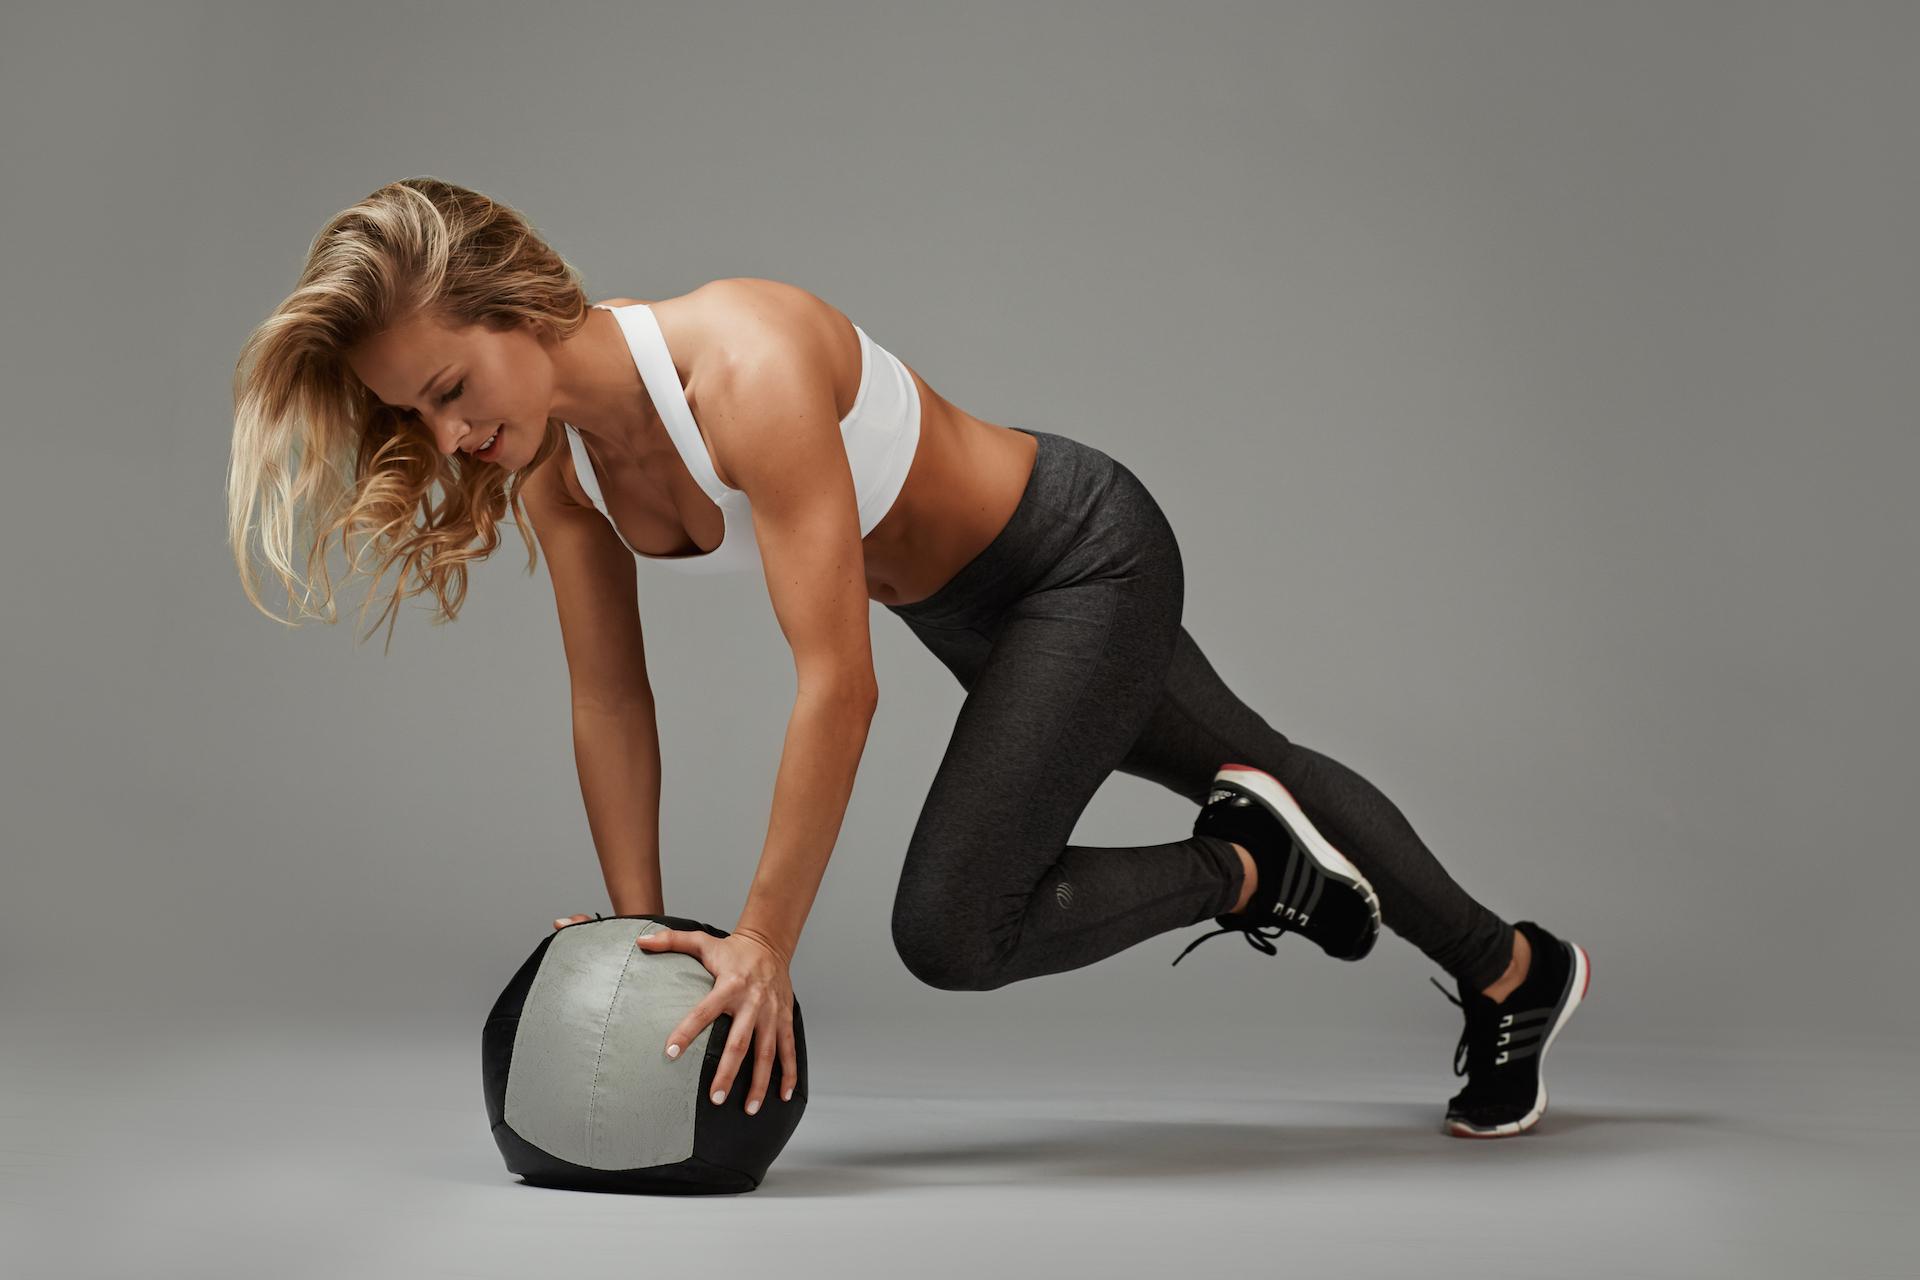 Женщины спортивные позы фотографии